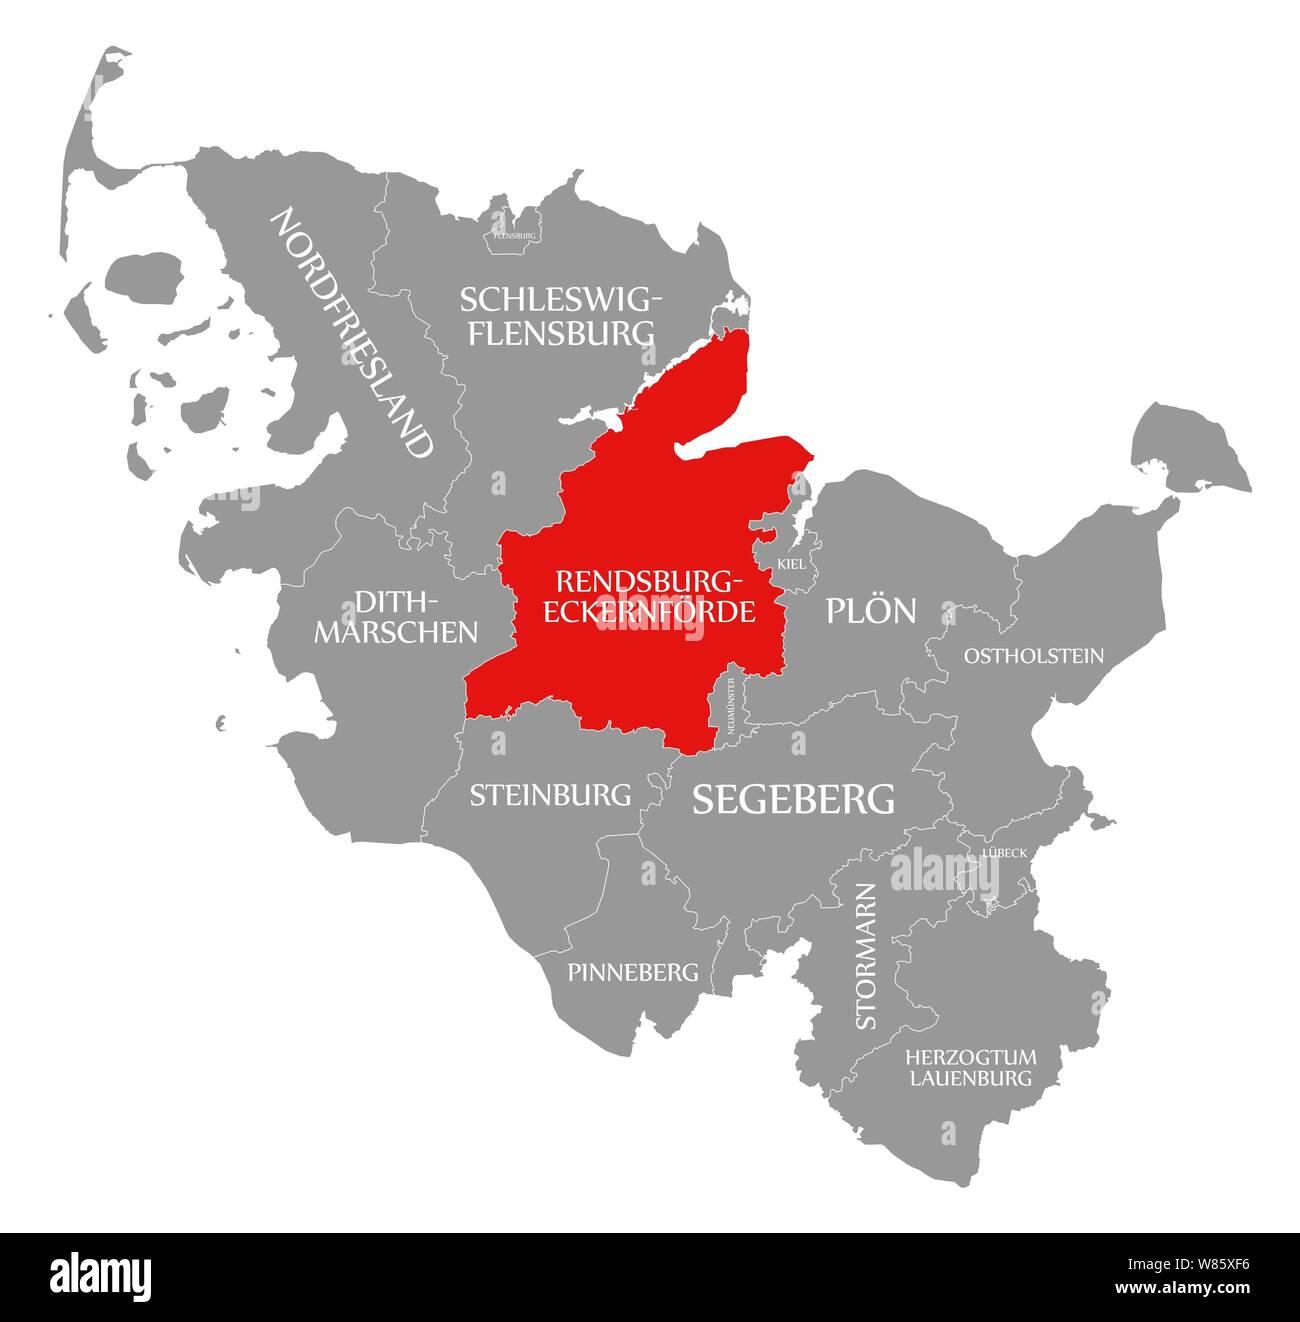 Rendsburg Eckernforde In Rot Hervorgehoben Karte Von Schleswig